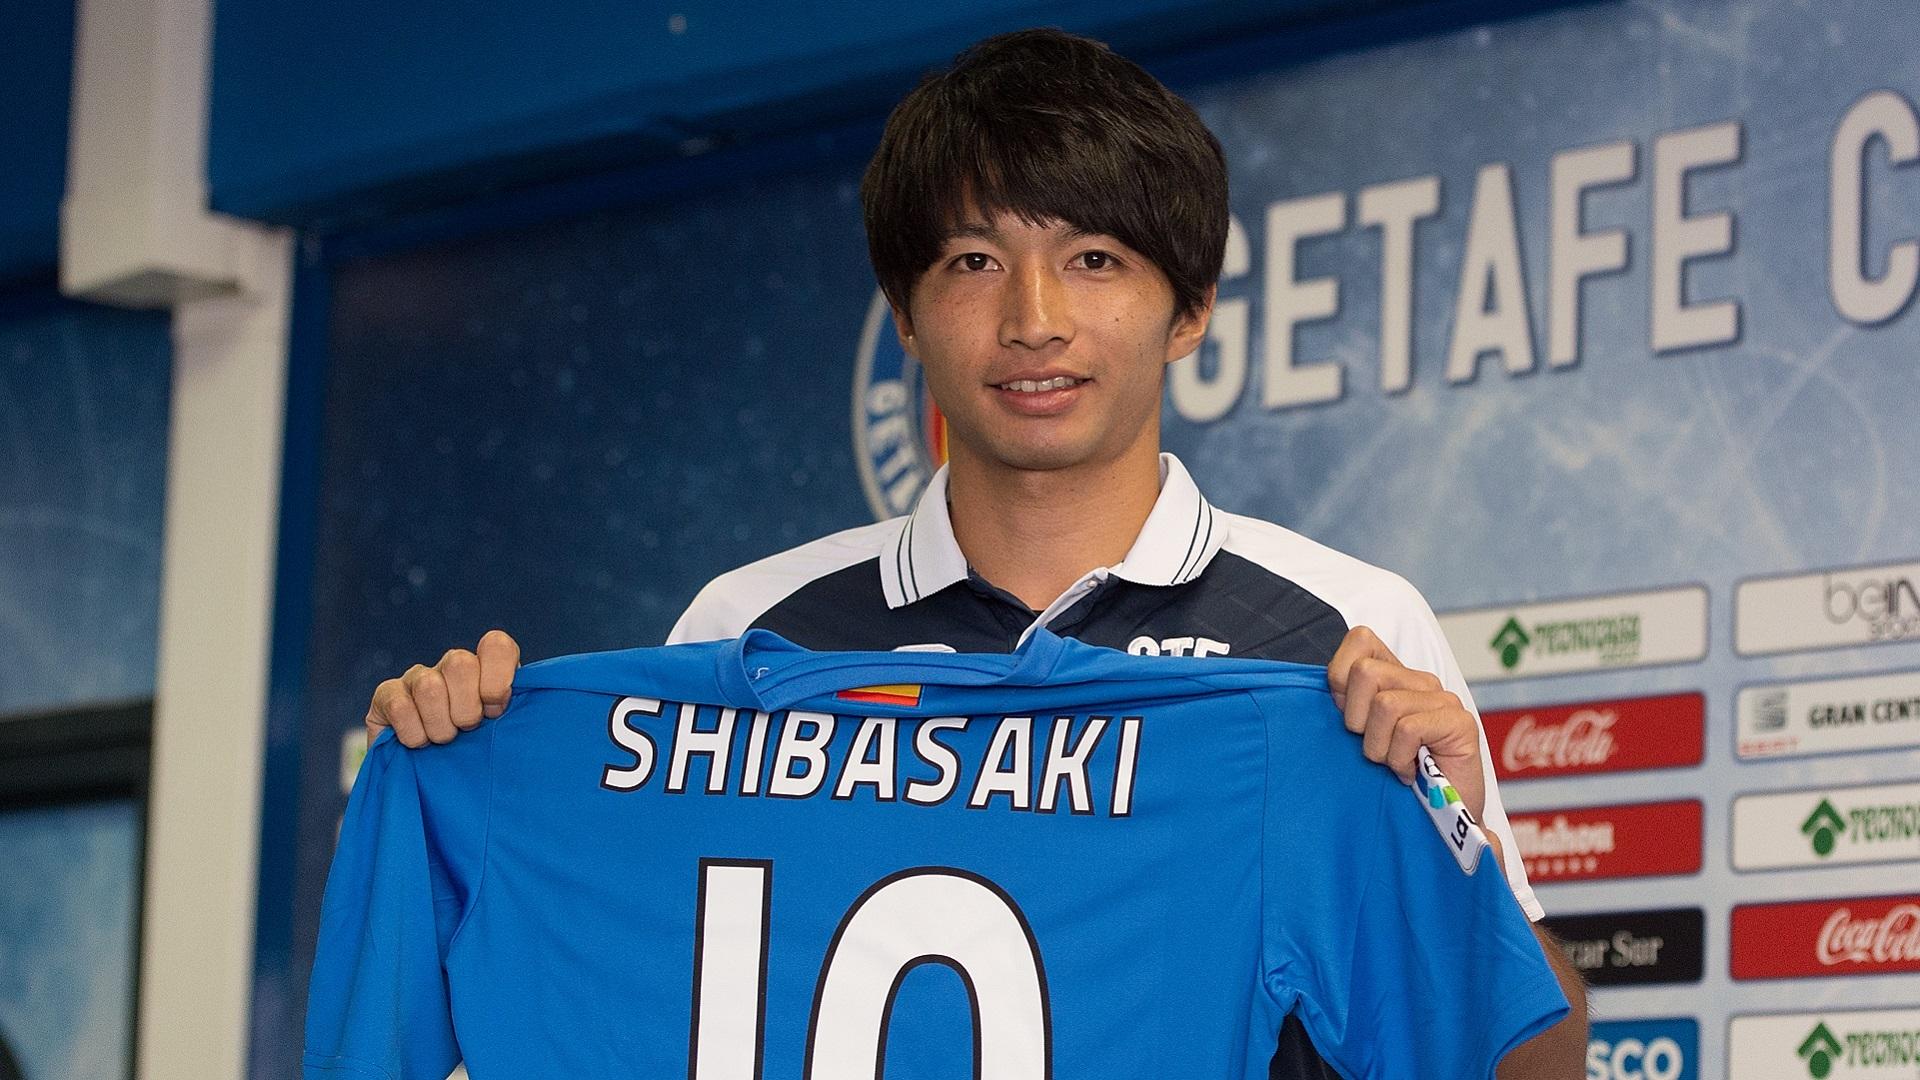 2017-07-25 Shibasaki Gaku getafe